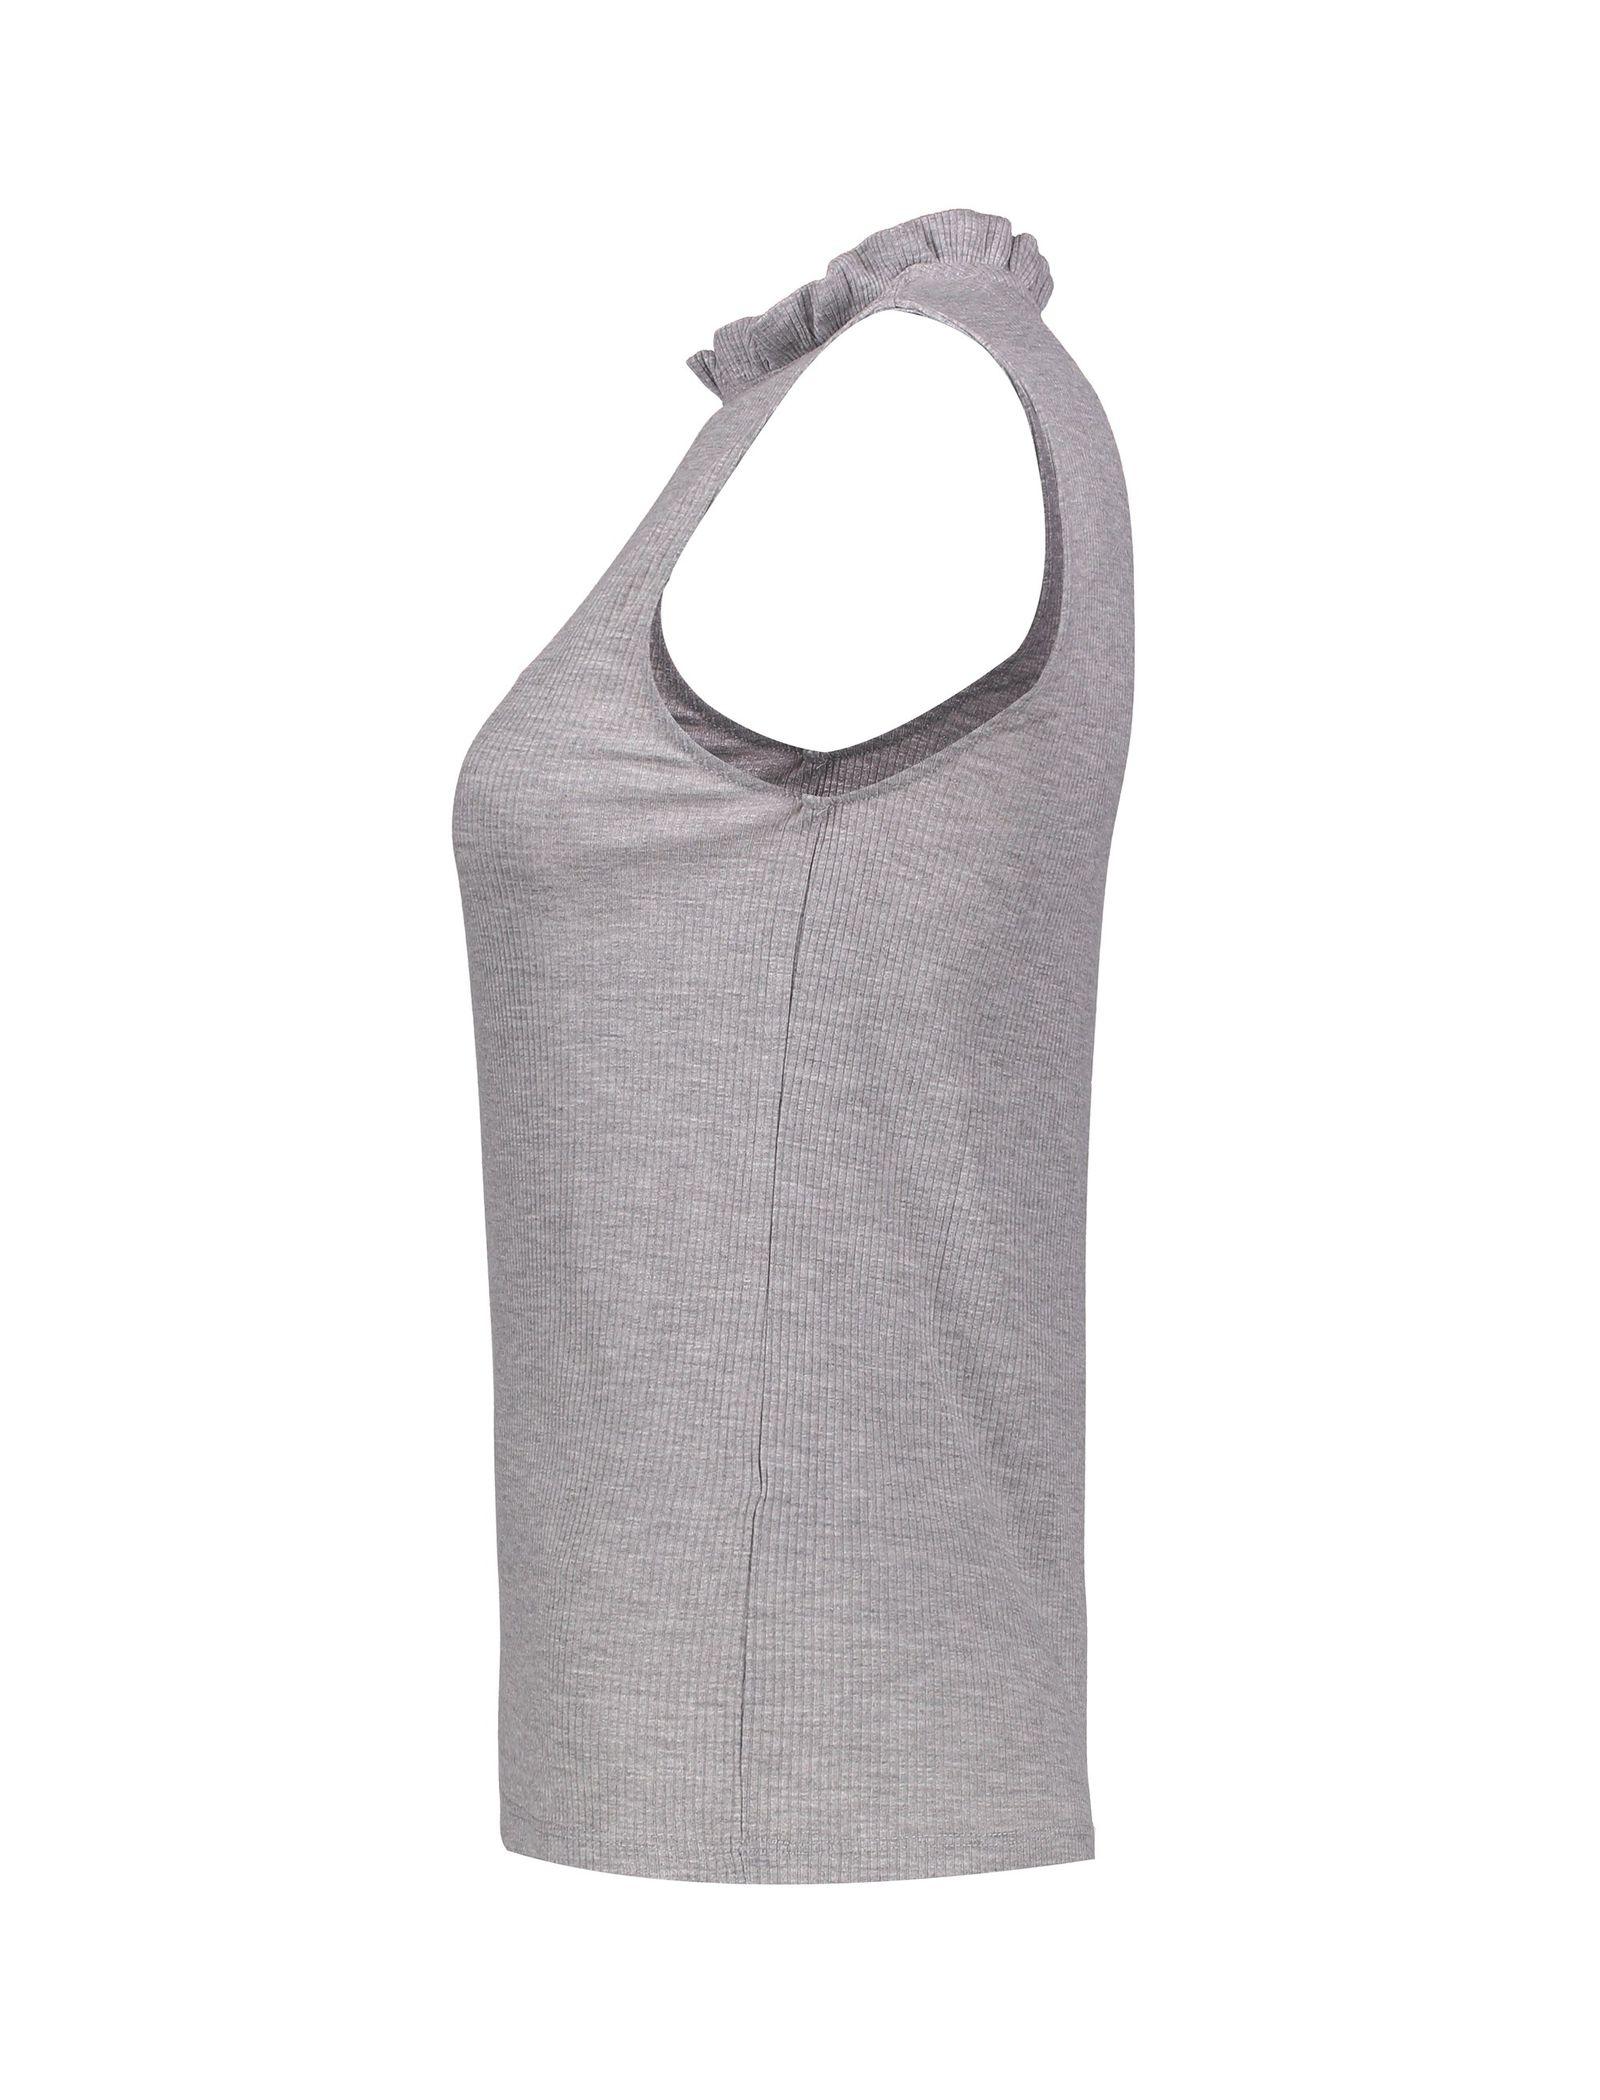 تی شرت آستین حلقه ای زنانه - پی سز - طوسي ملانژ - 3